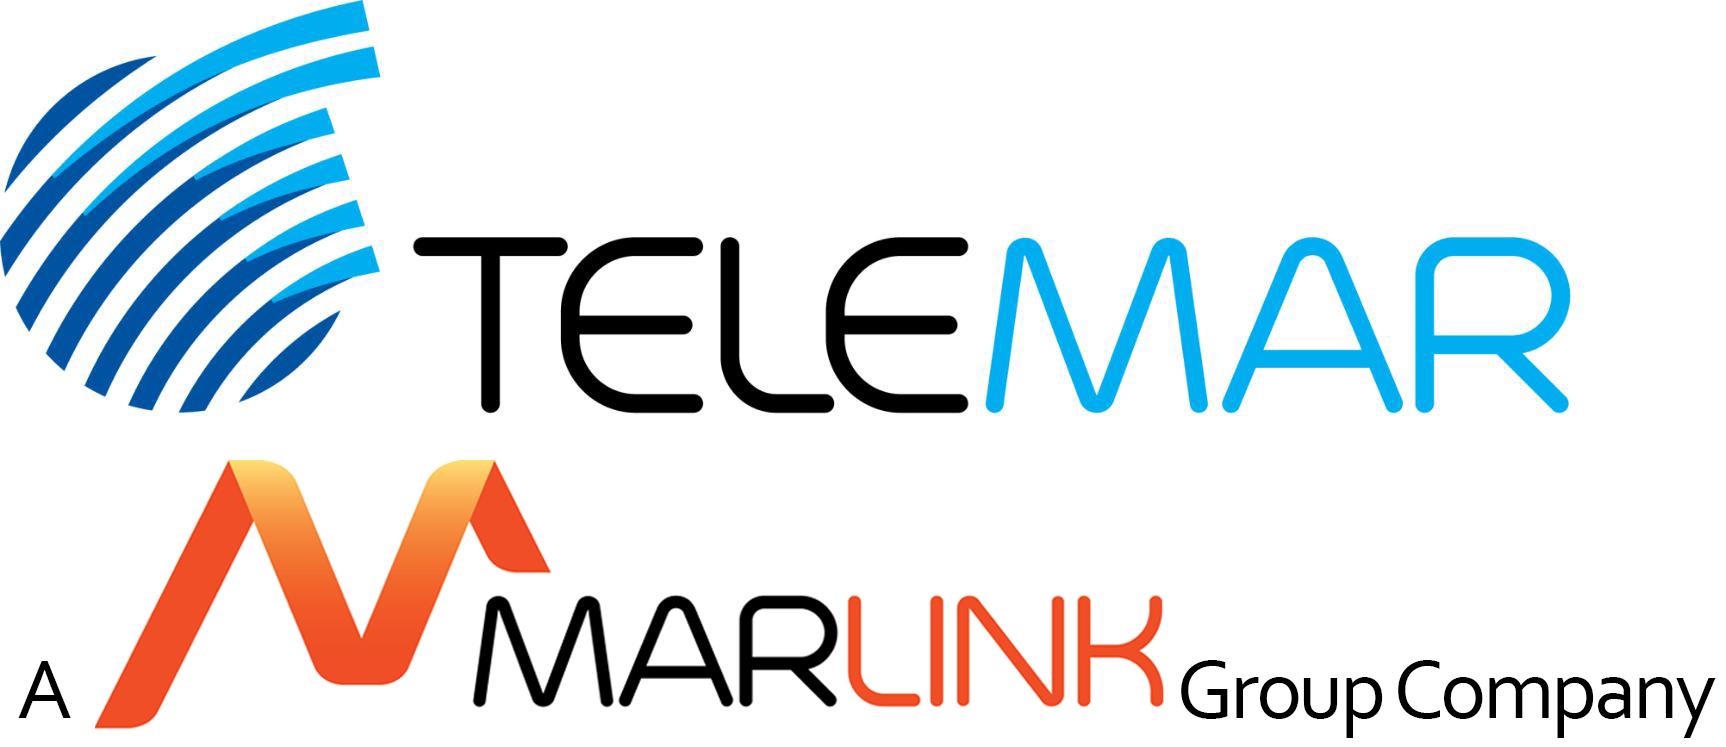 TELEMAR marlink.png